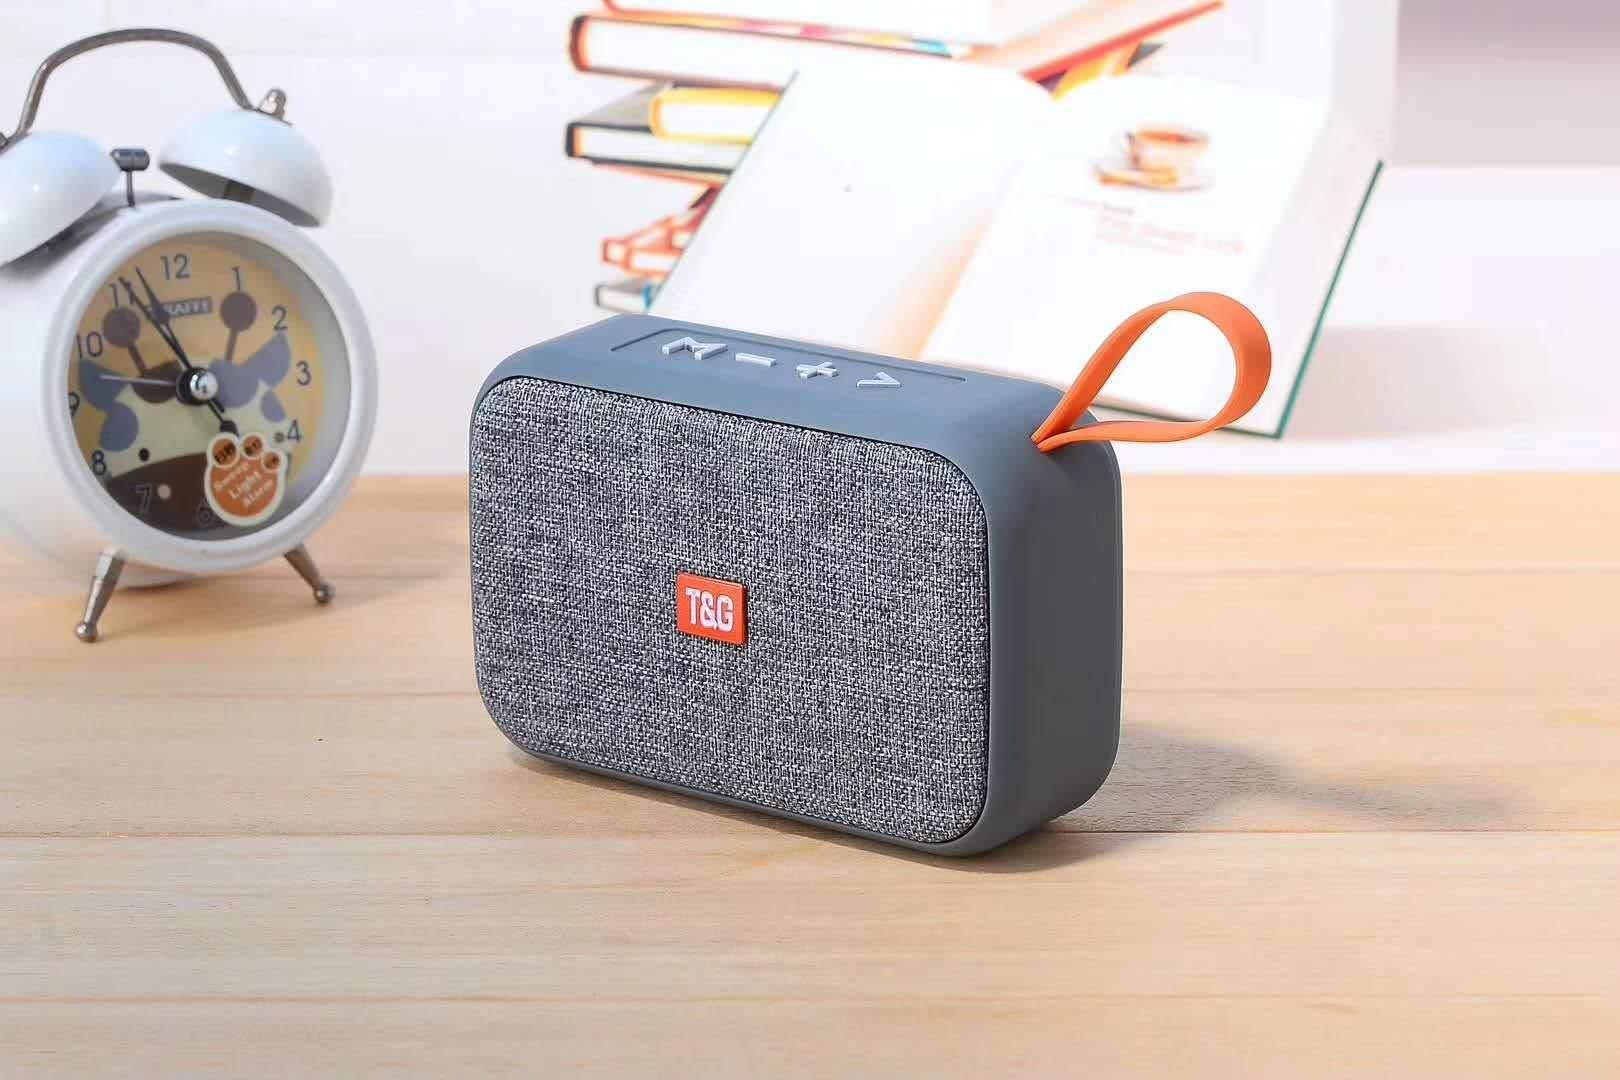 Angoo Beauty Portable Stereo Radio Wireless Bluetooth Speaker Loudspeaker Portable Bluetooth Speakers (Silver) by Angoo Beauty